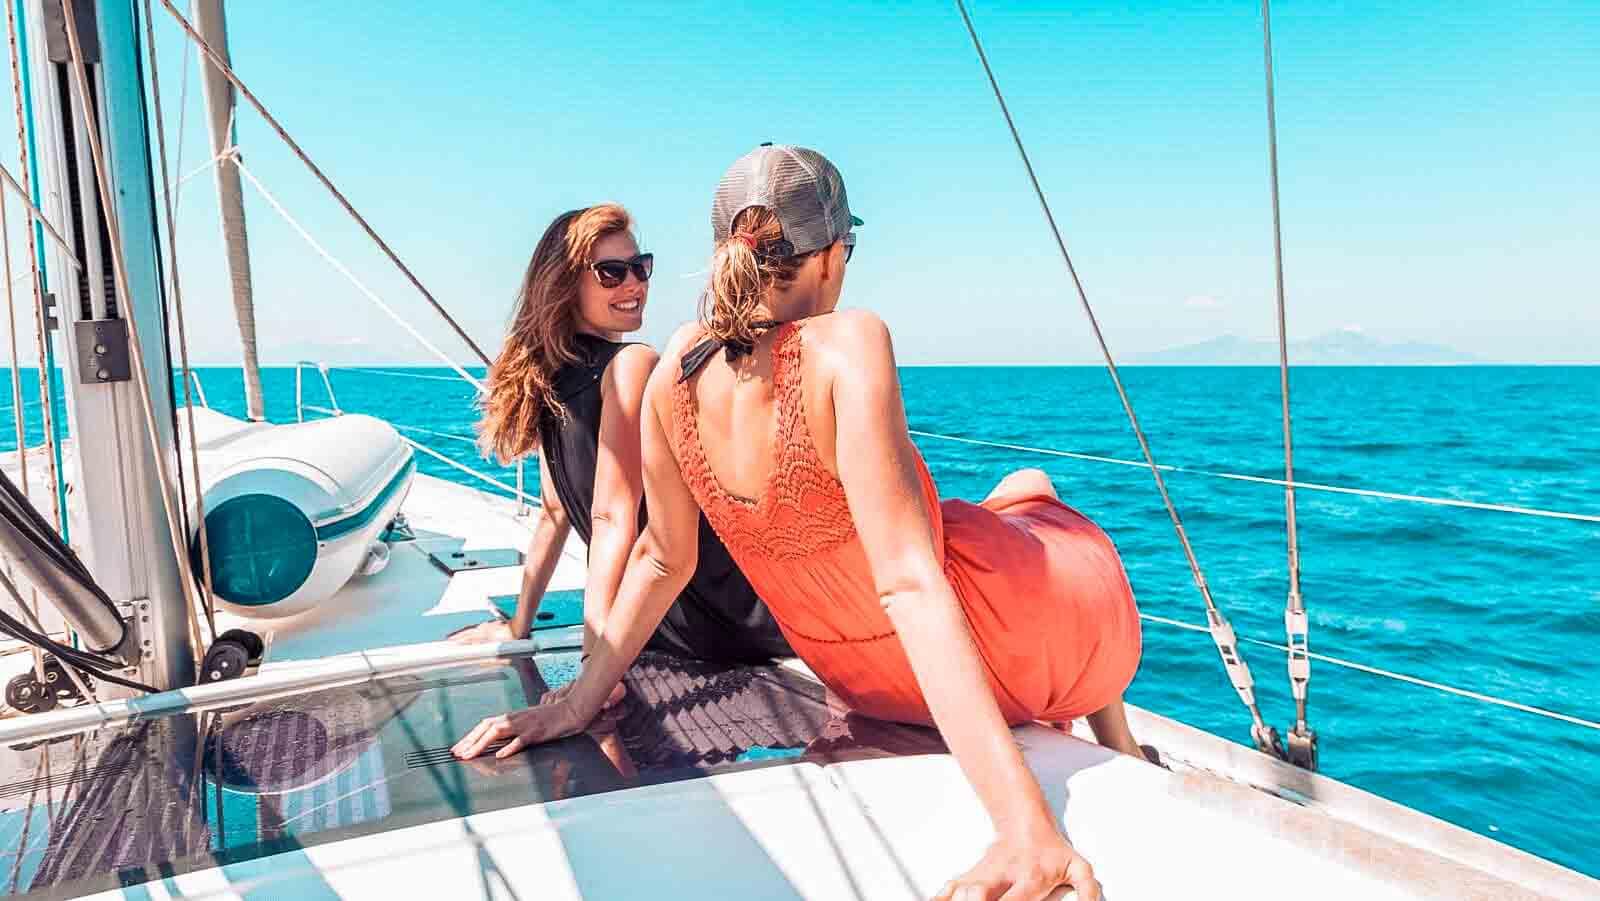 Der beste Ausblick aufs Meer überhaupt l sailwithus